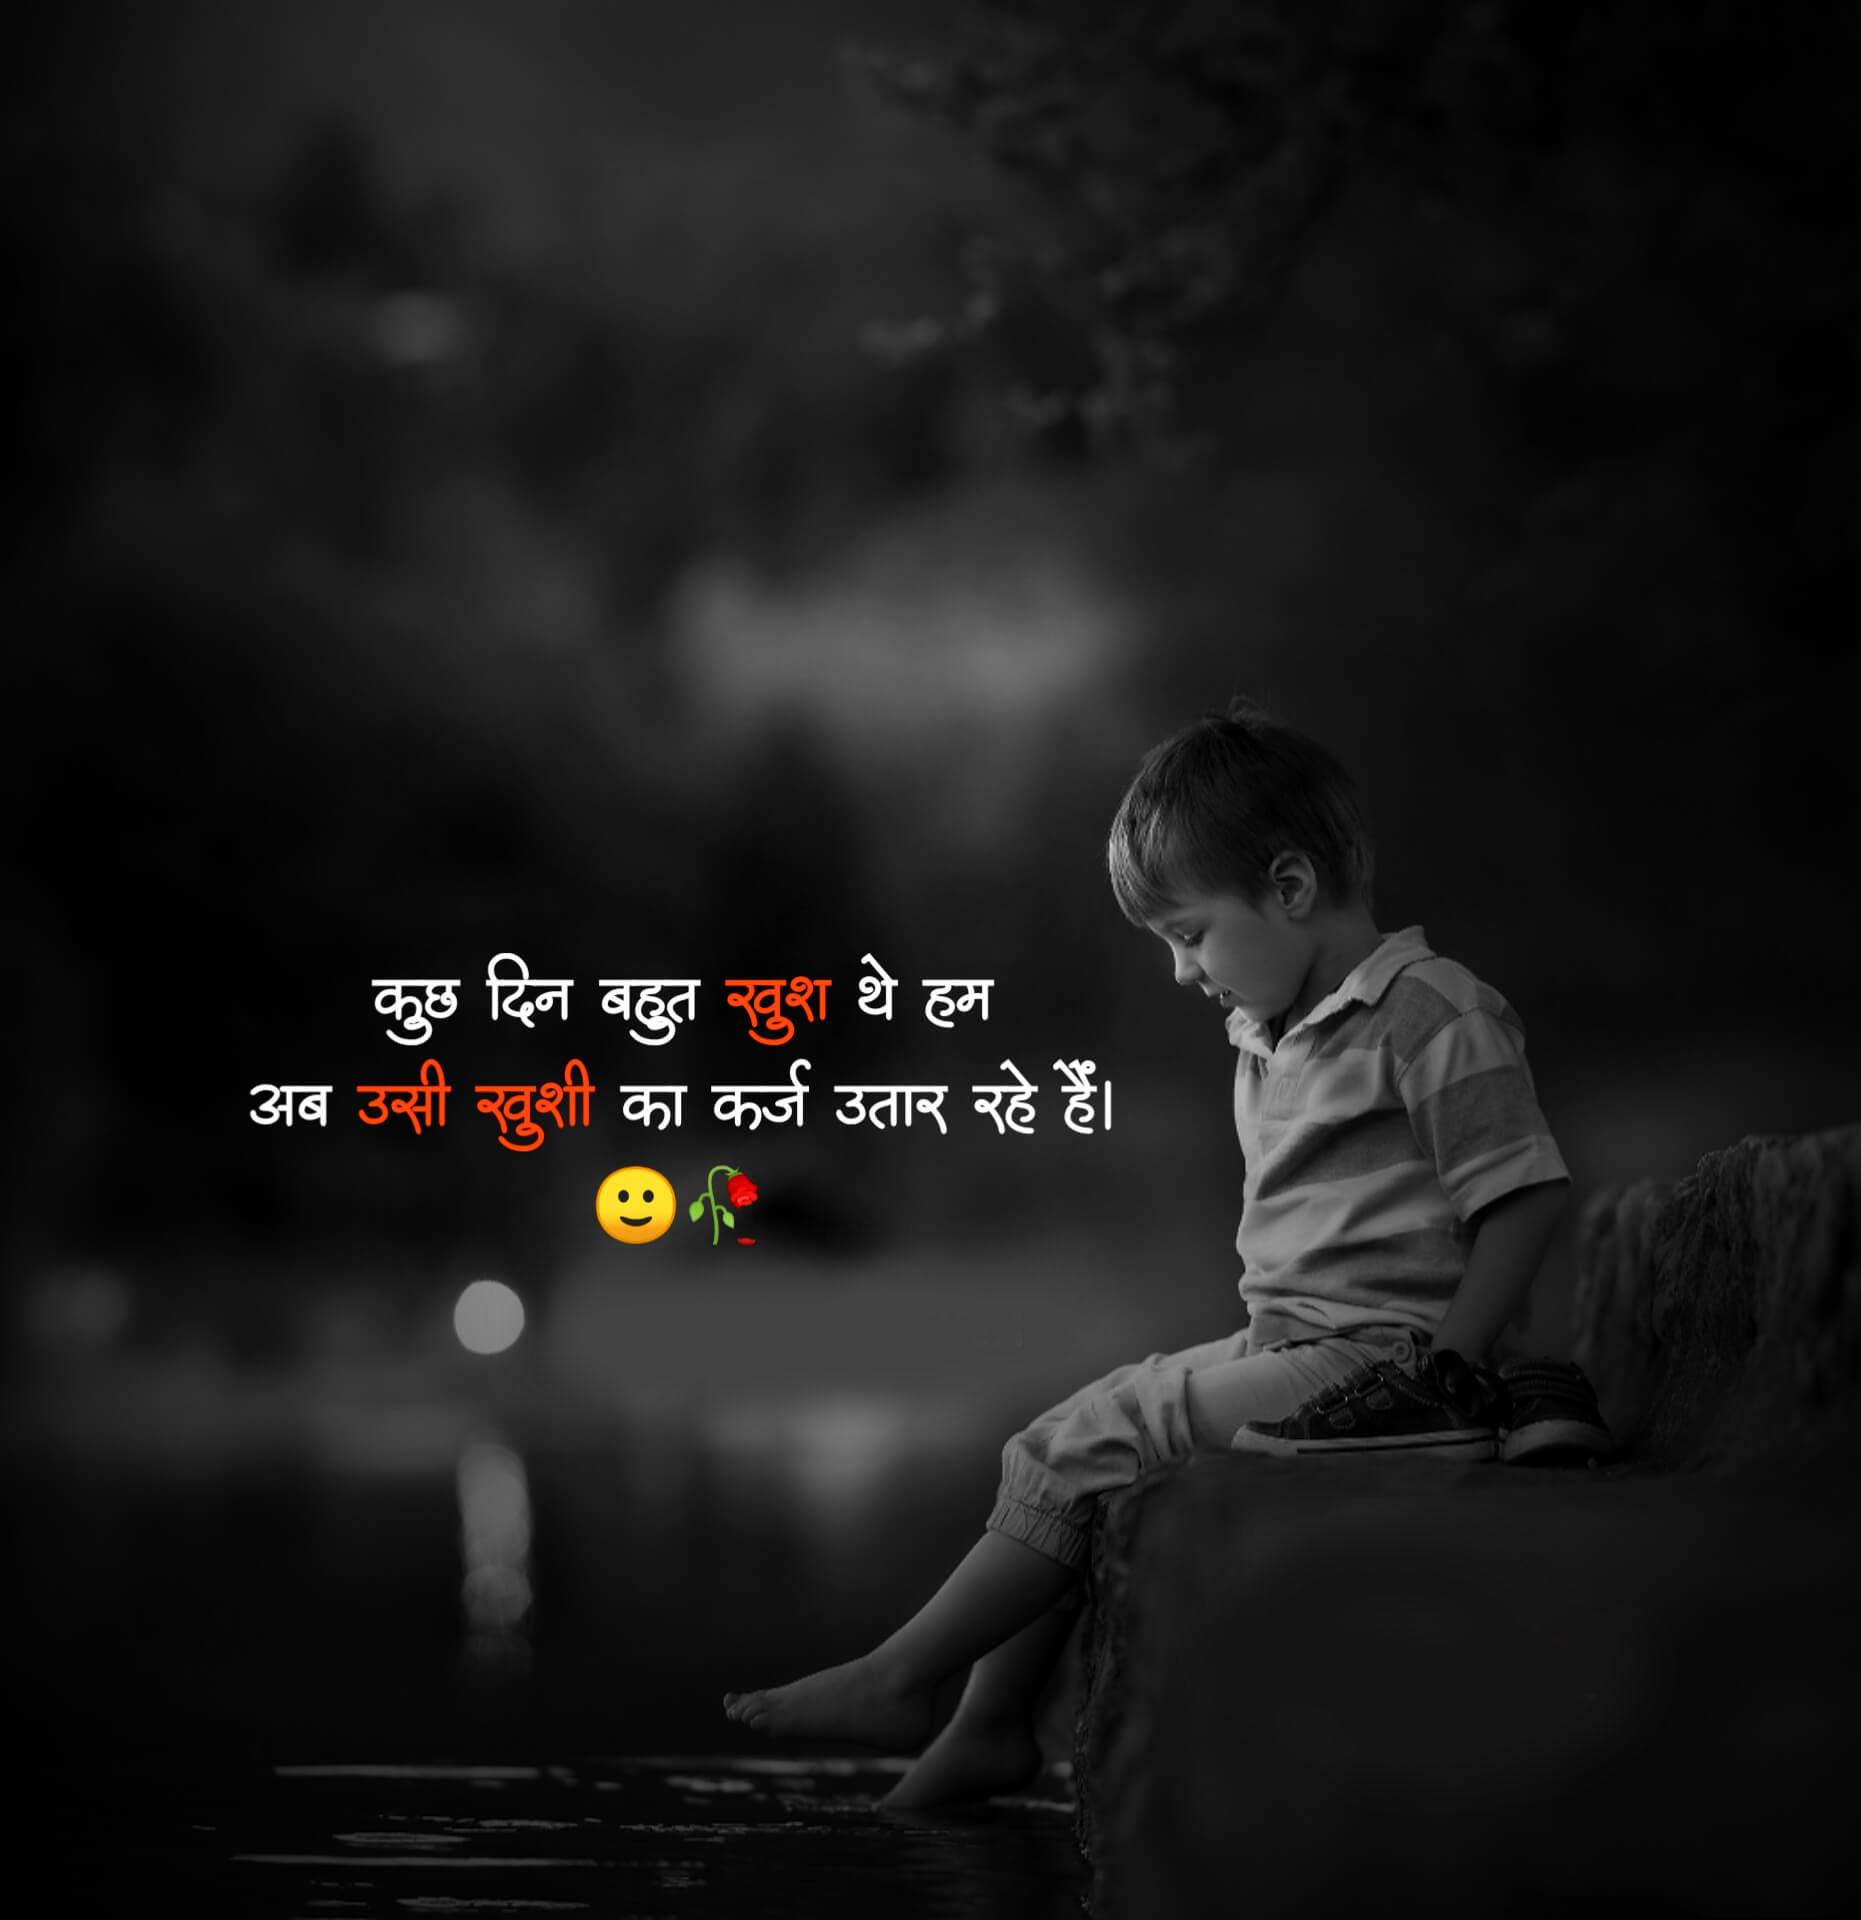 Latest Sad Boy Shayari Images for profile